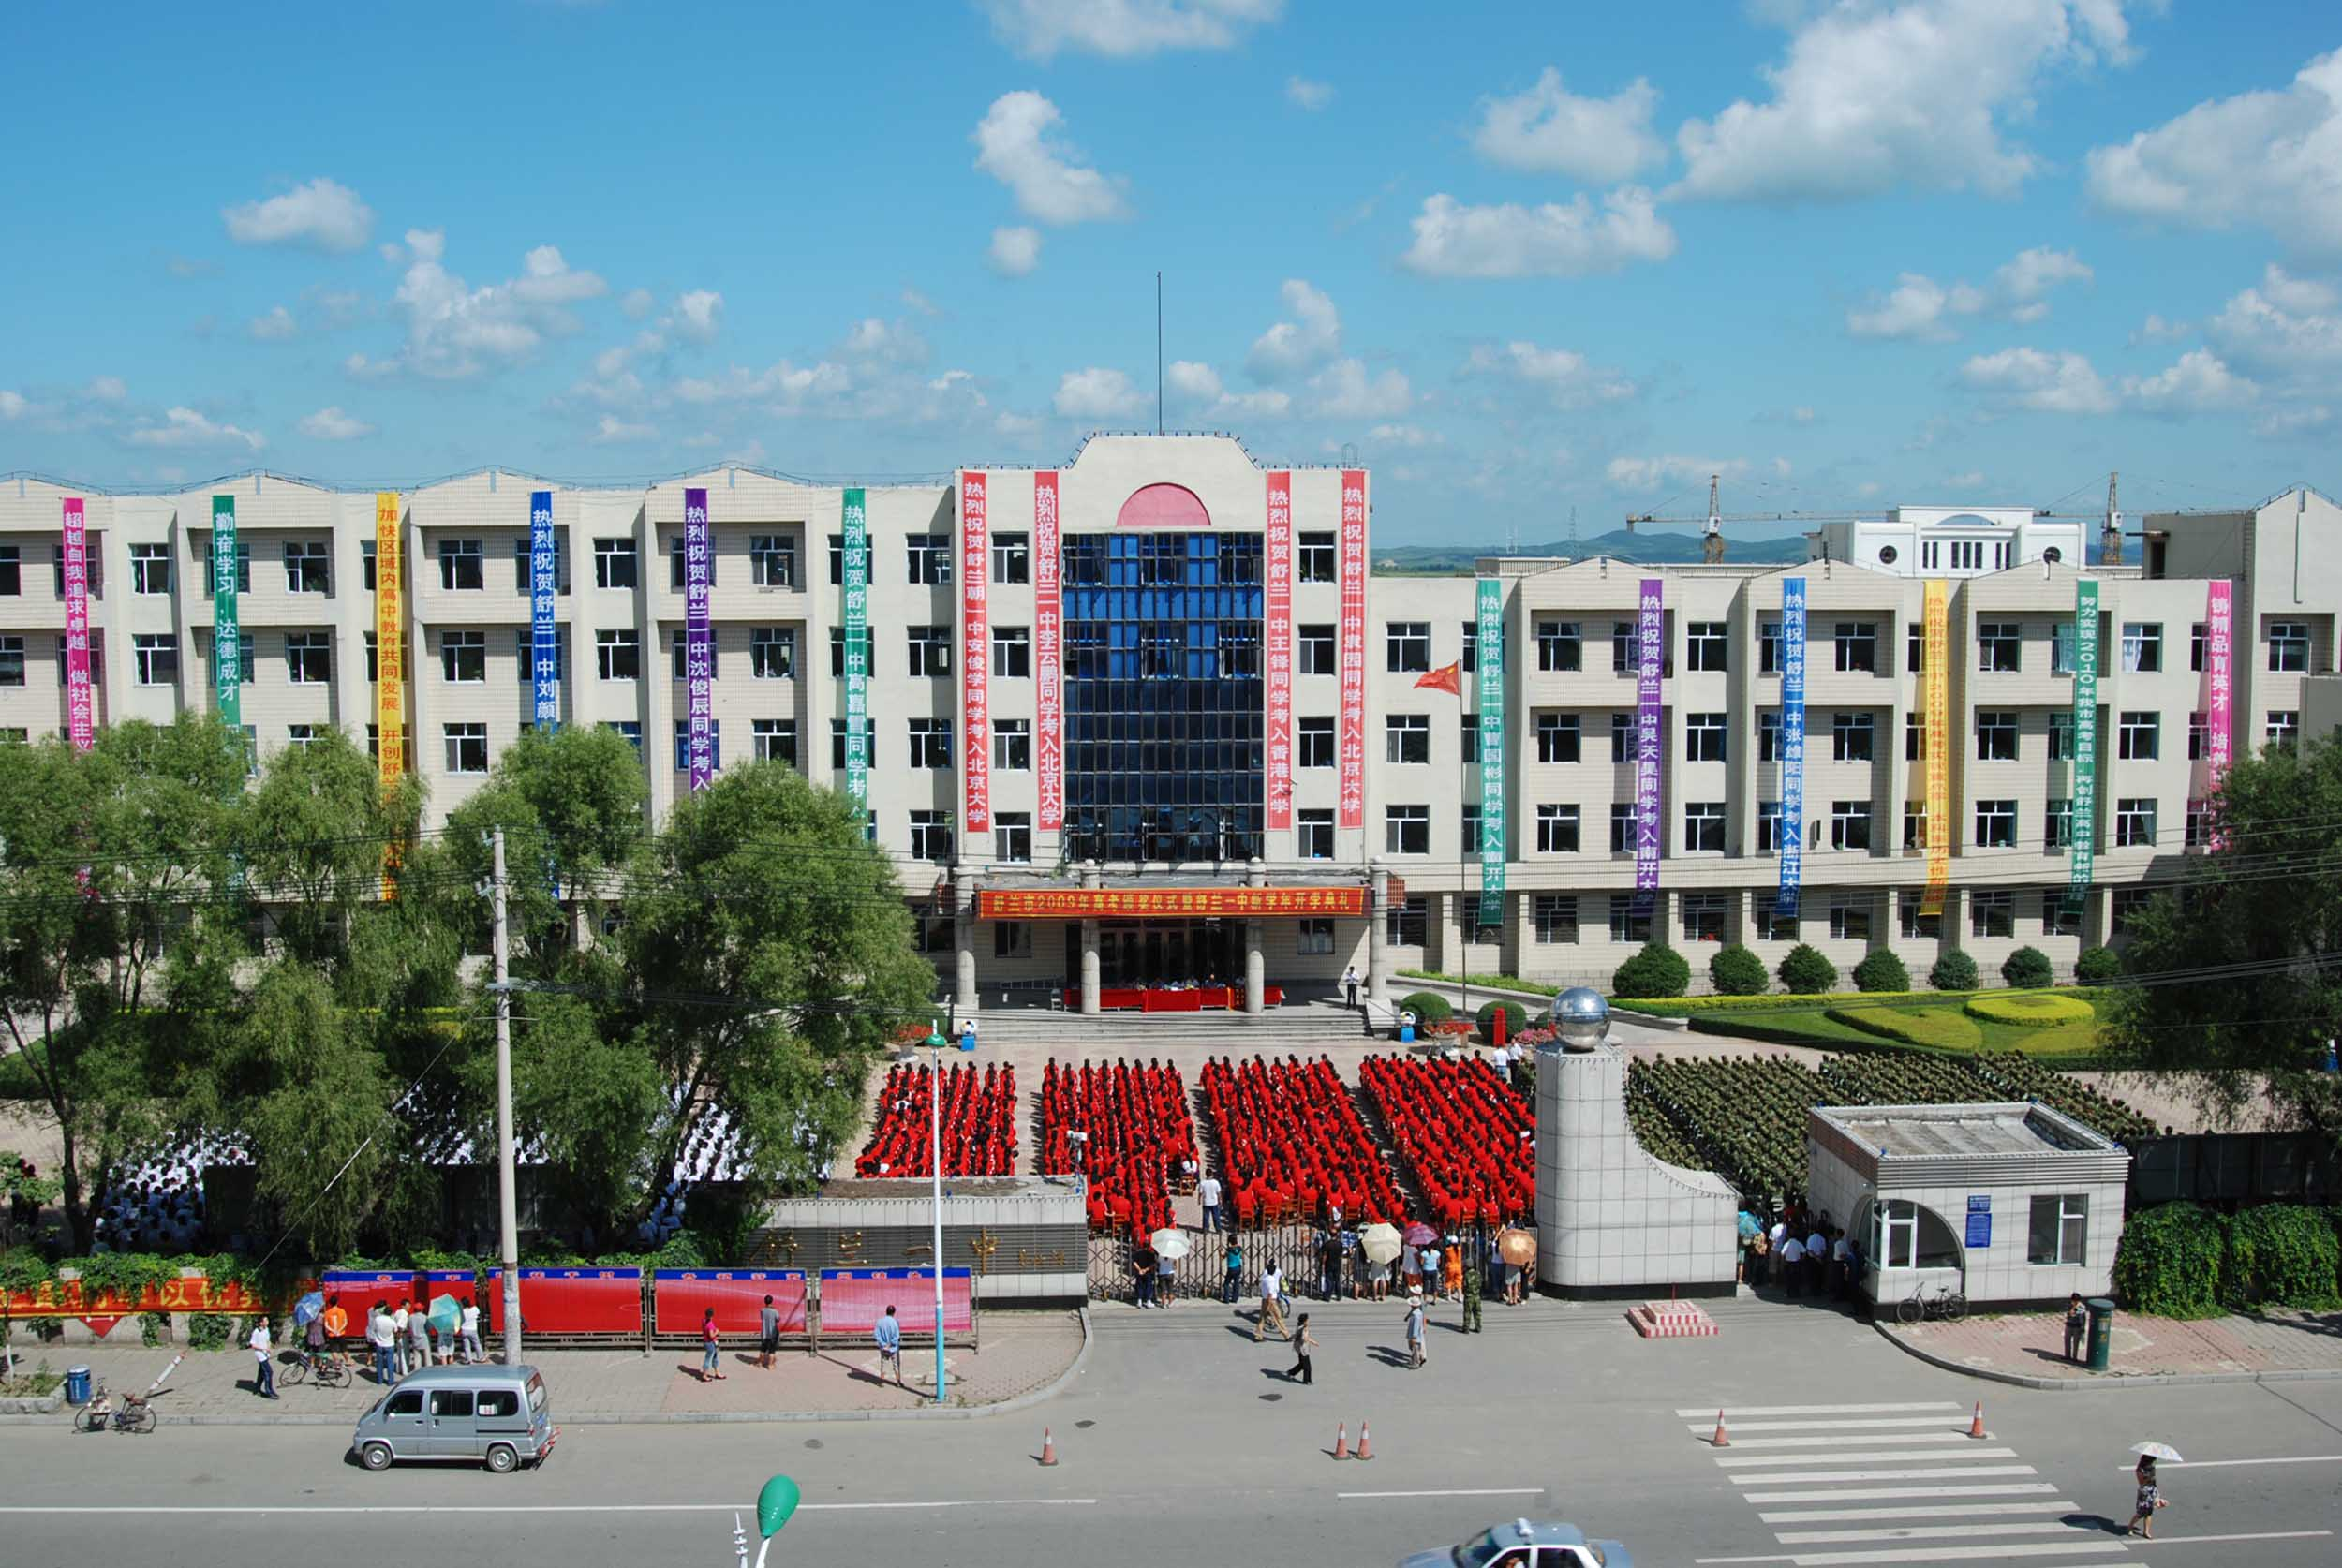 舒兰市第一中学 舒兰市第一中学 qq2936695267图片